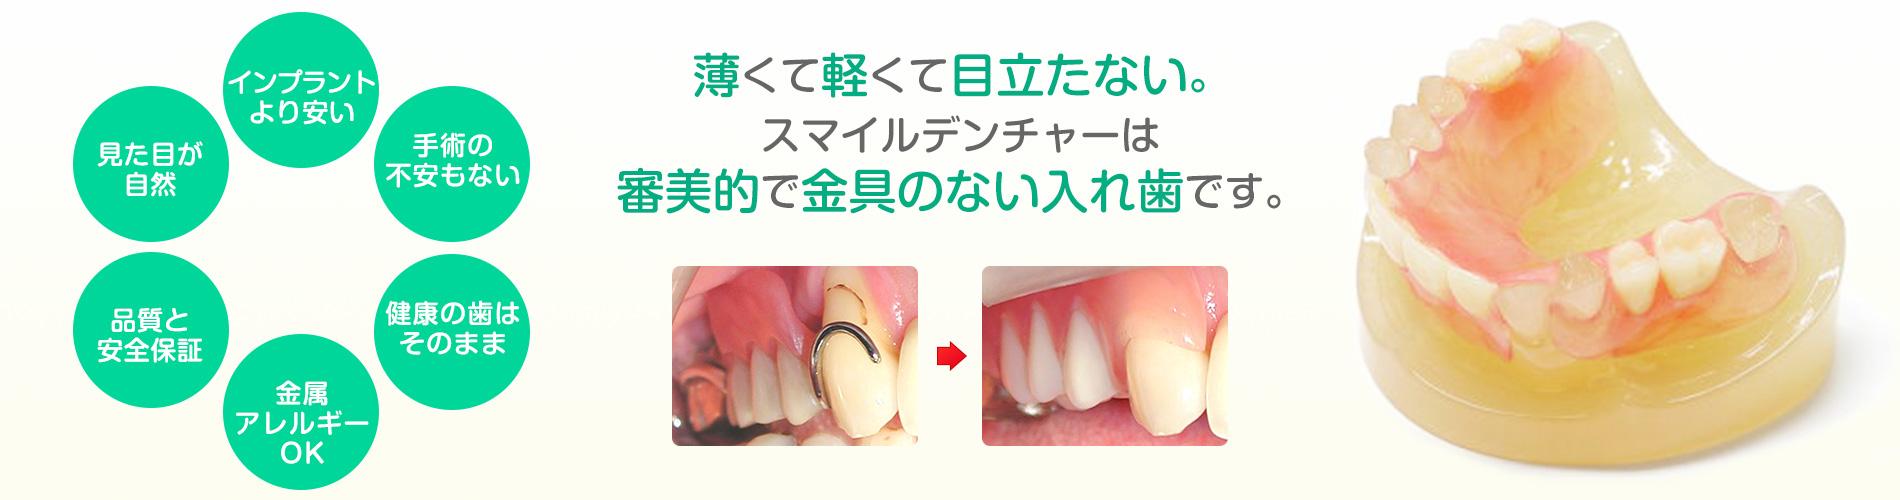 薄くて軽くて目立たない。スマイルデンチャーは審美的で金具のない入れ歯です。